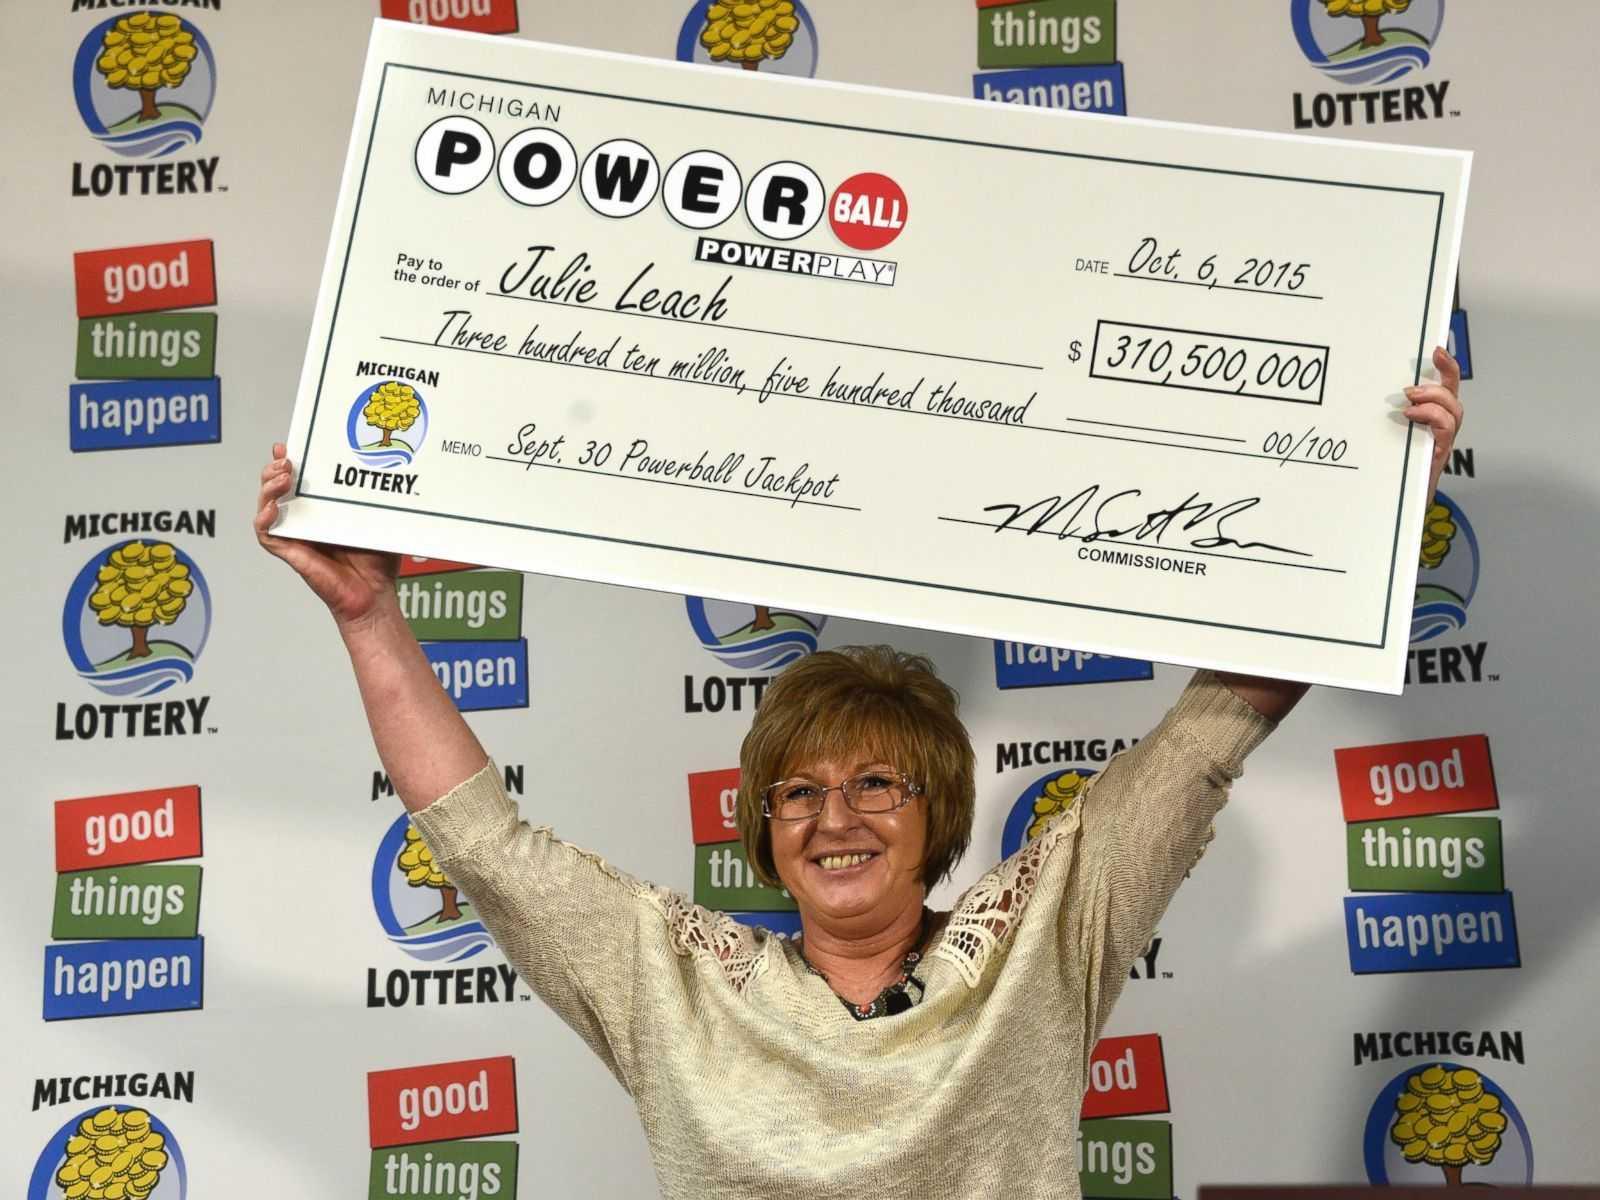 Австралийская лотерея saturday lotto